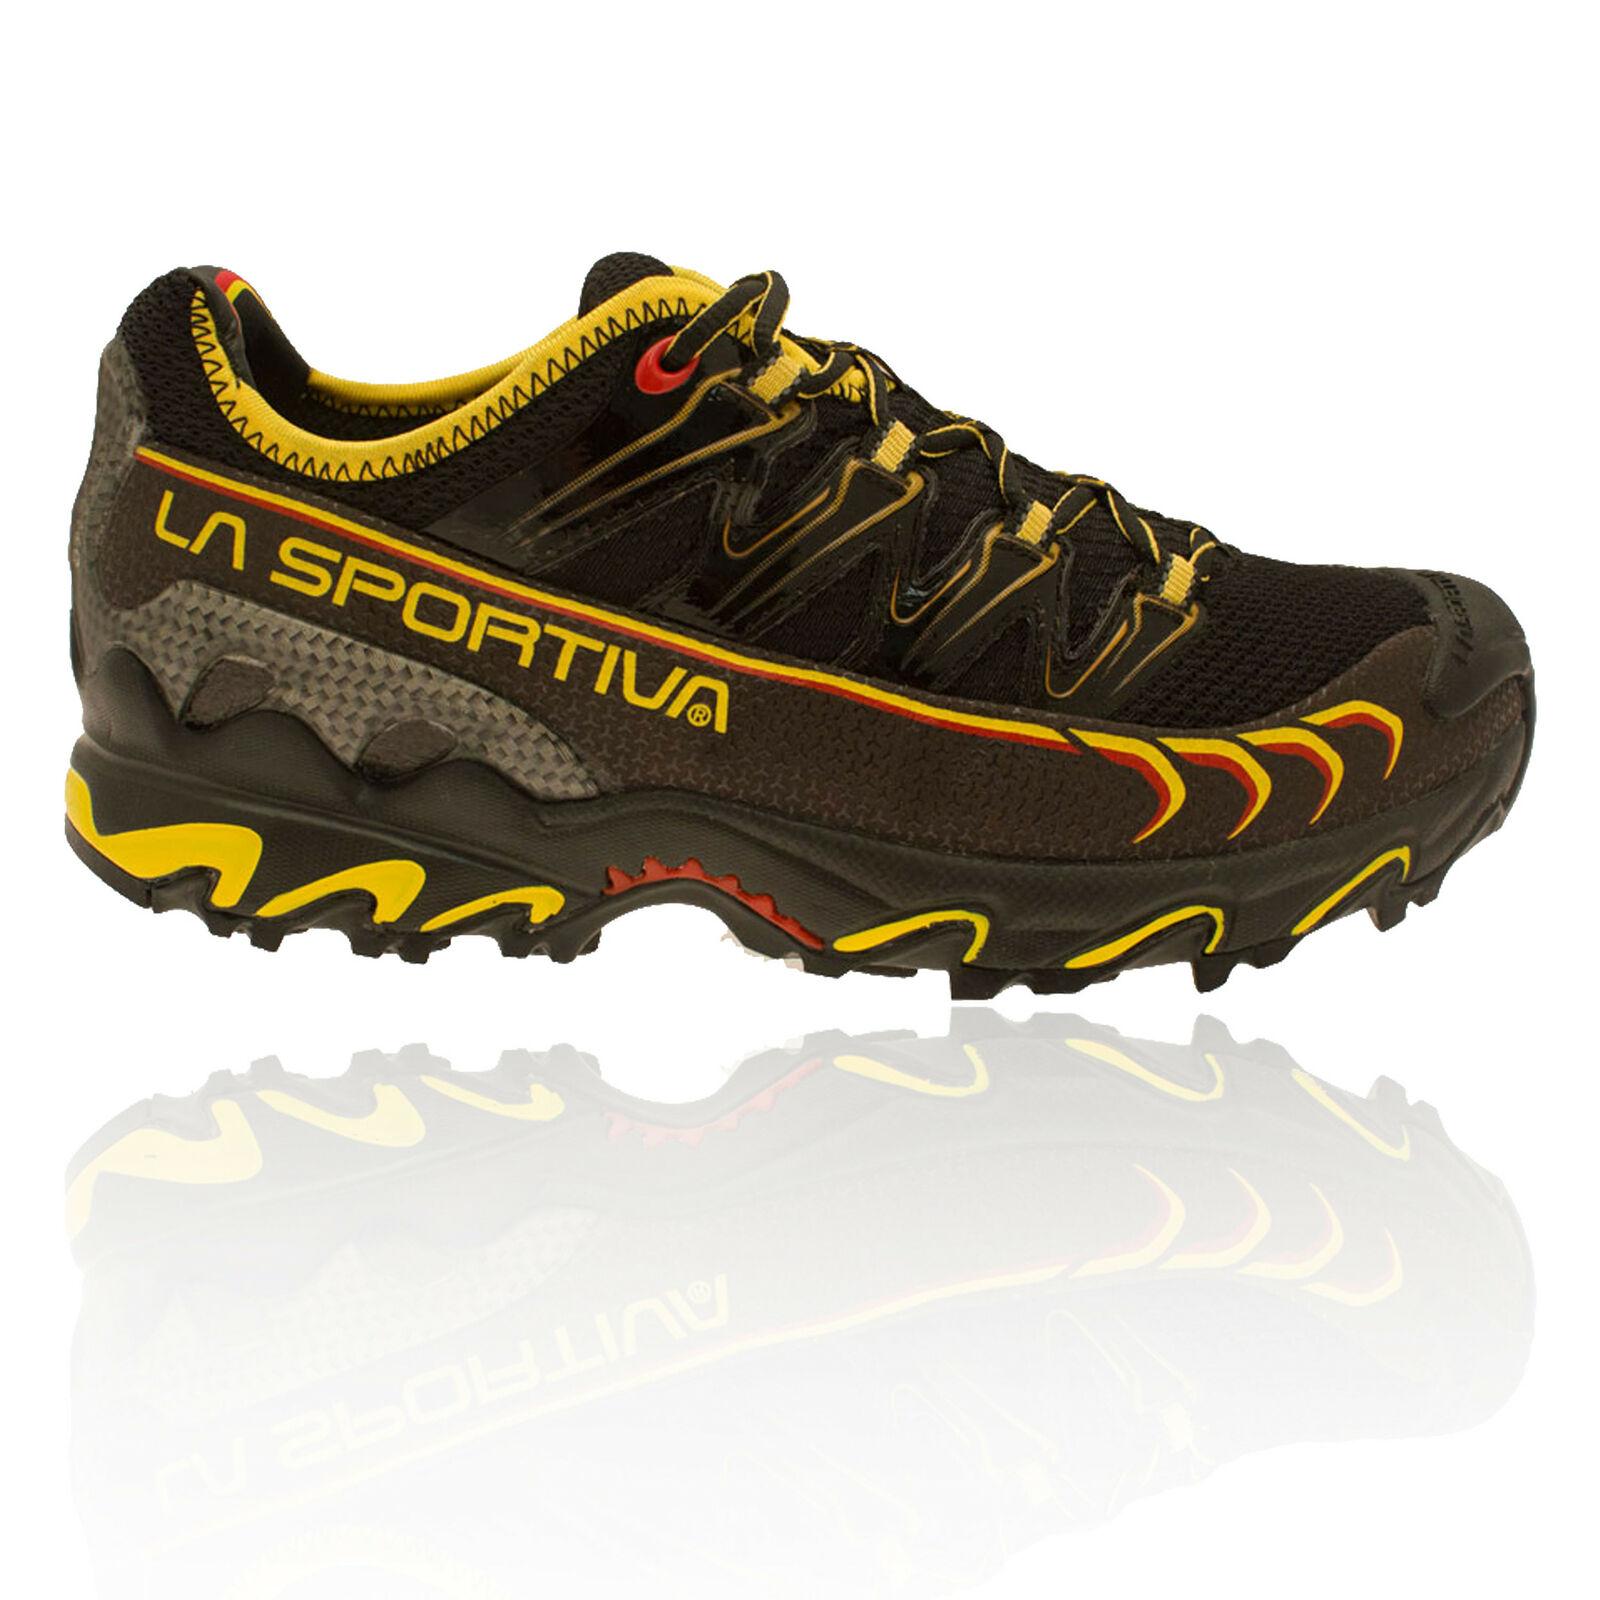 La Sportiva Hombre Ultra Raptor Negro Fell Trail Running Zapatillas Deportivas